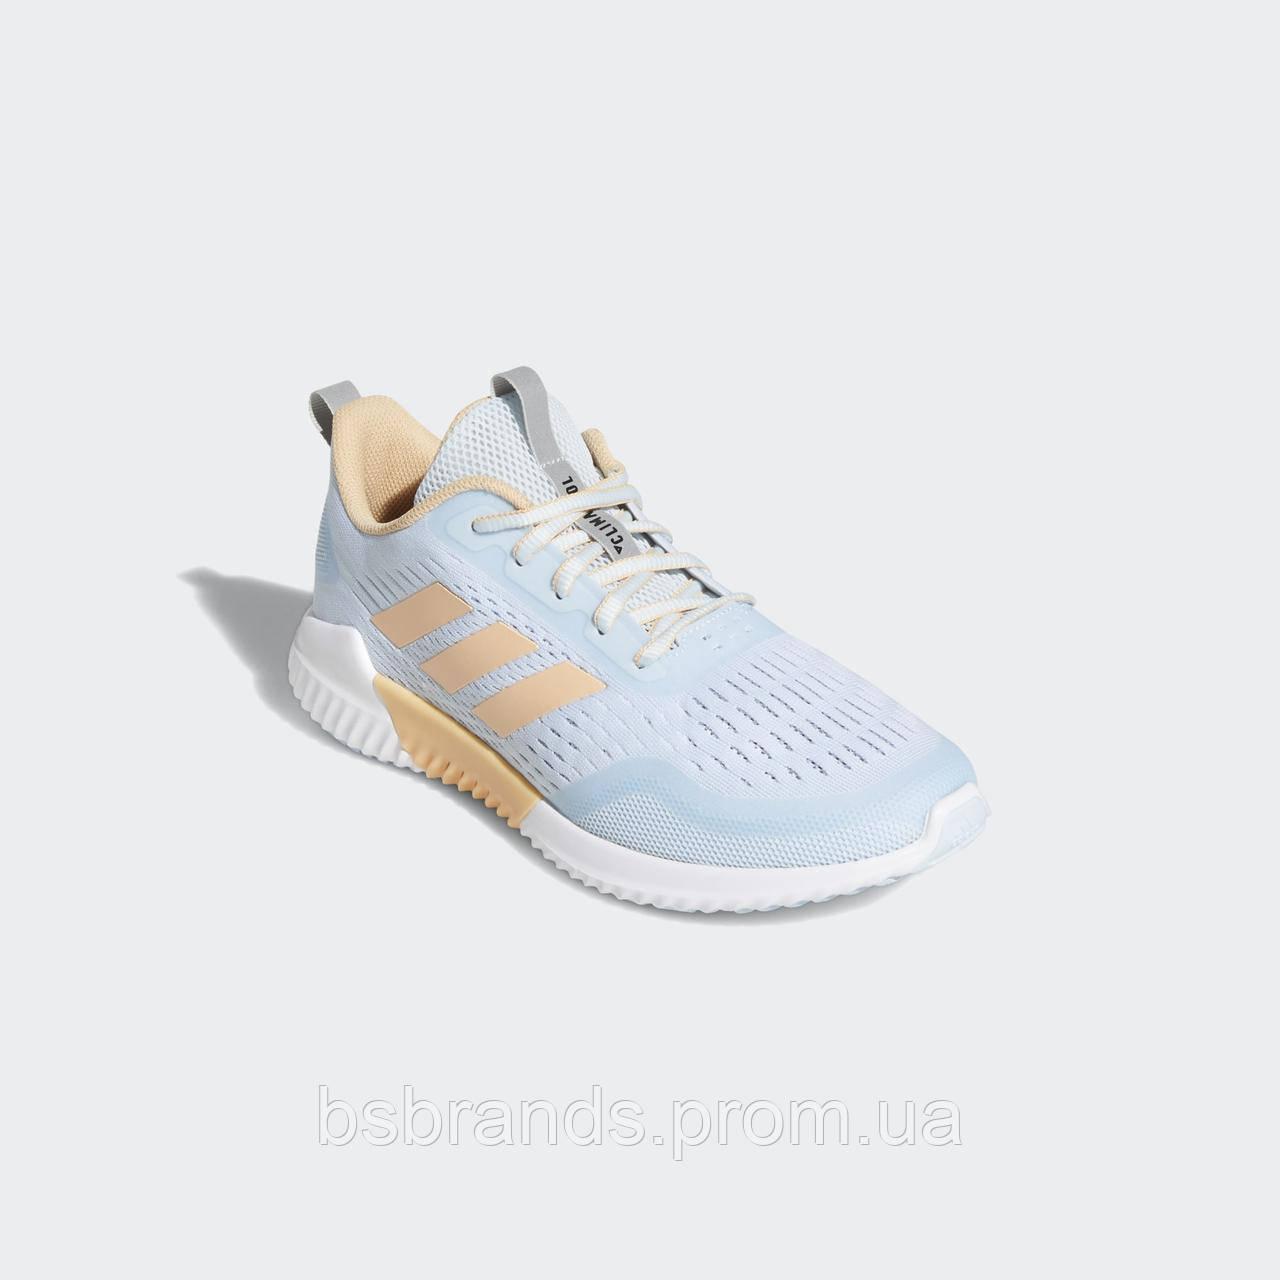 Женские кроссовки adidas для бега ClimaCool Bounce EE3931 (2020/1)